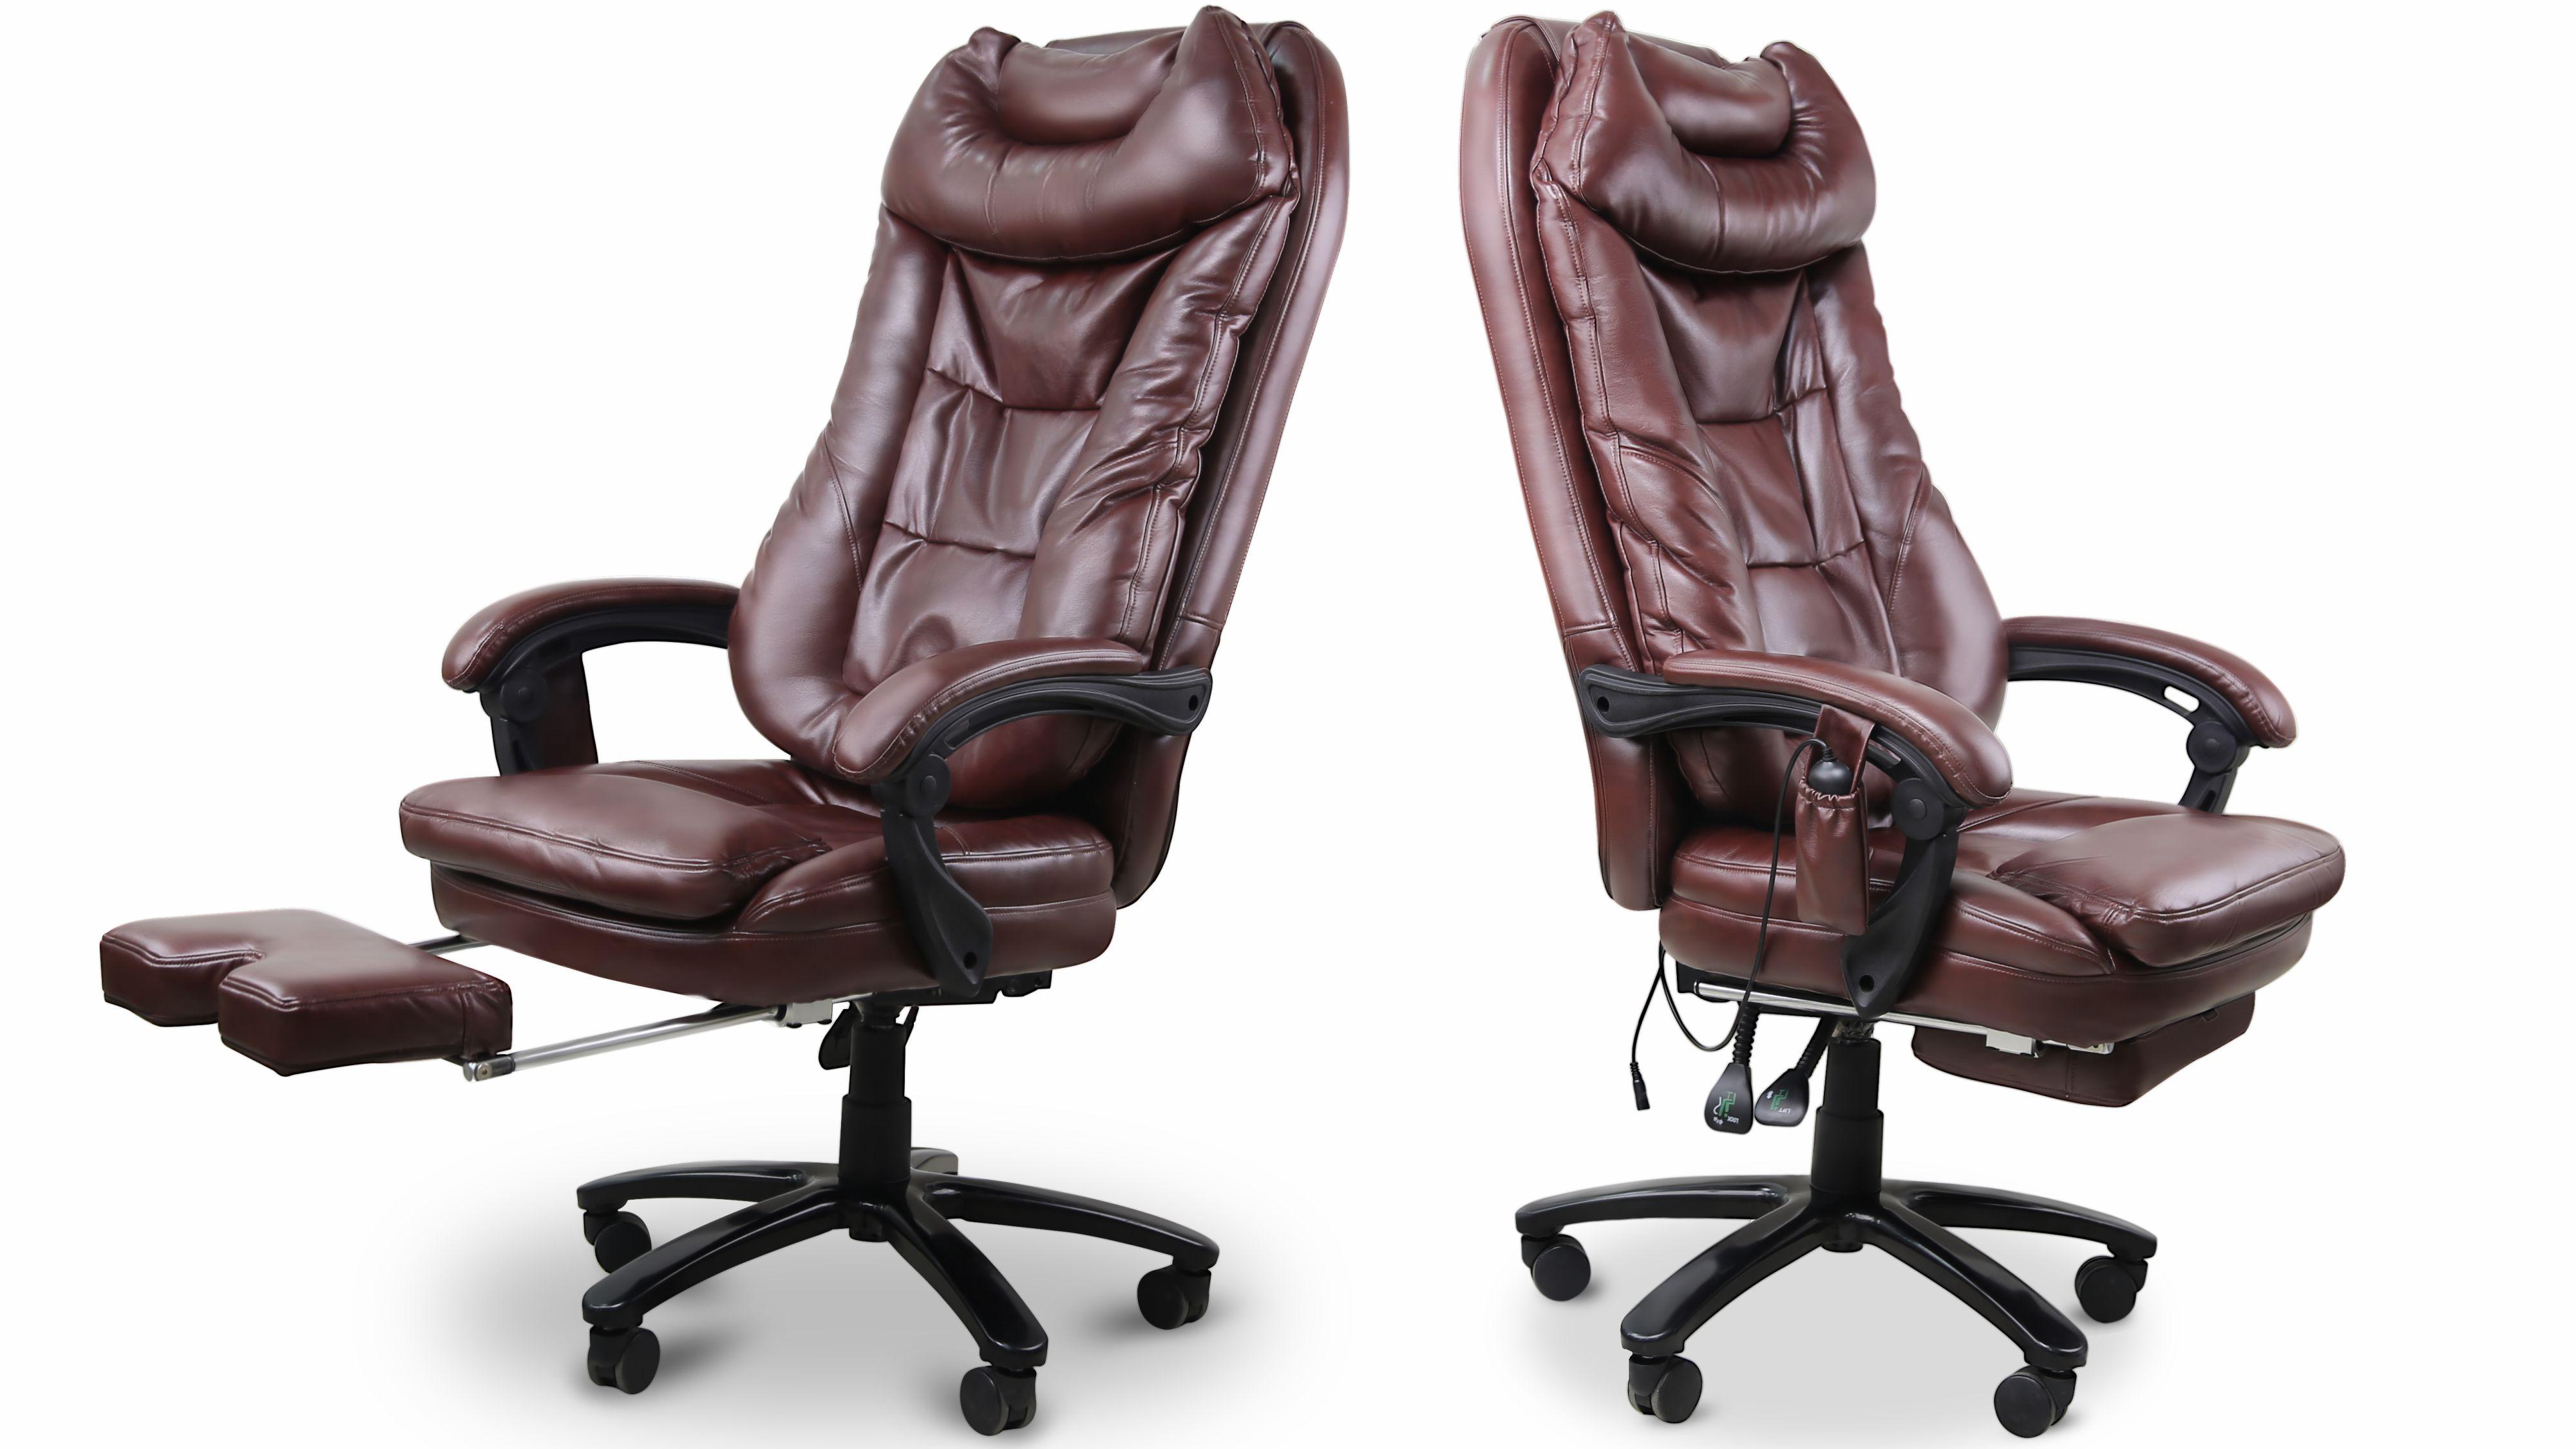 Эргономика, удобство и комфорт - Офисное массажное кресло Bodo Lurssen